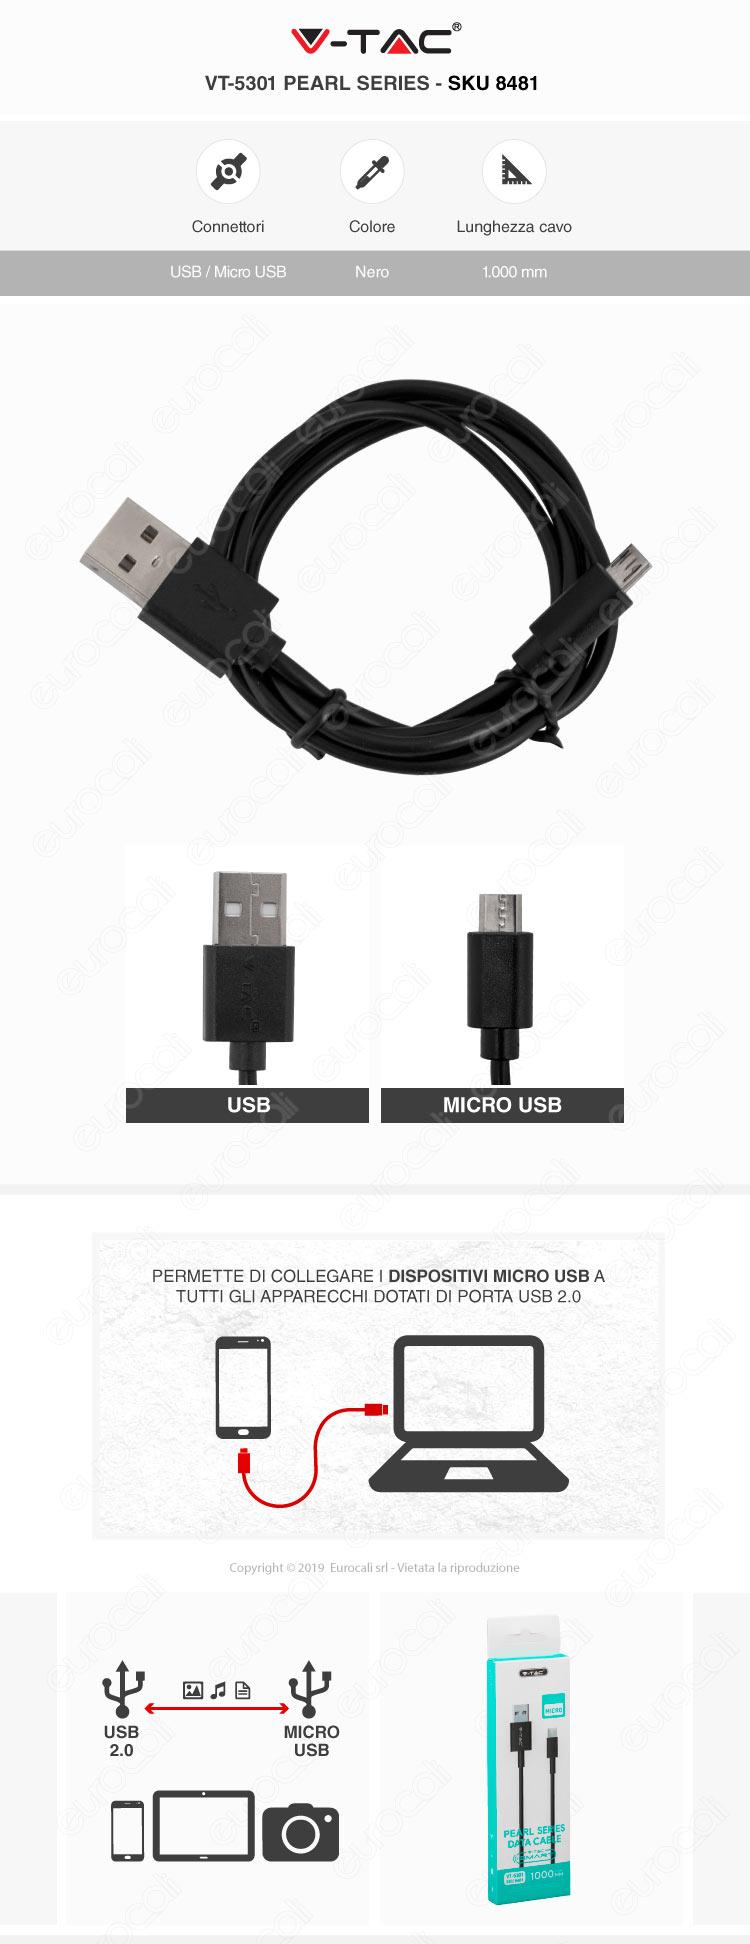 V-Tac VT-5301 Pearl series USB Data Cable Micro USB Cavo Colore nero 1m